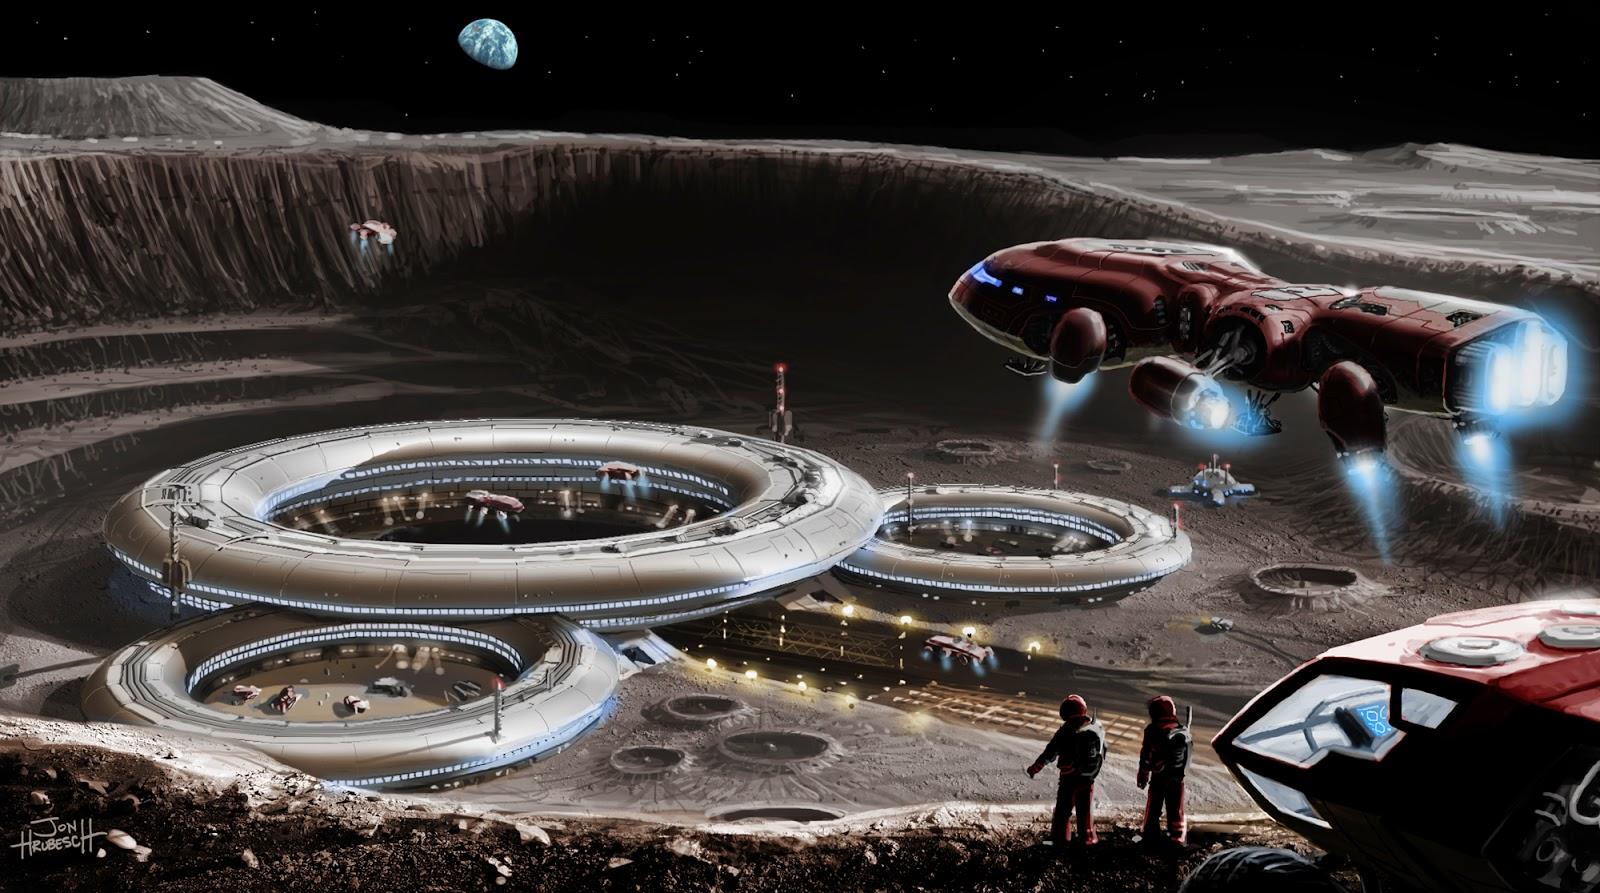 moon base ideas - photo #6